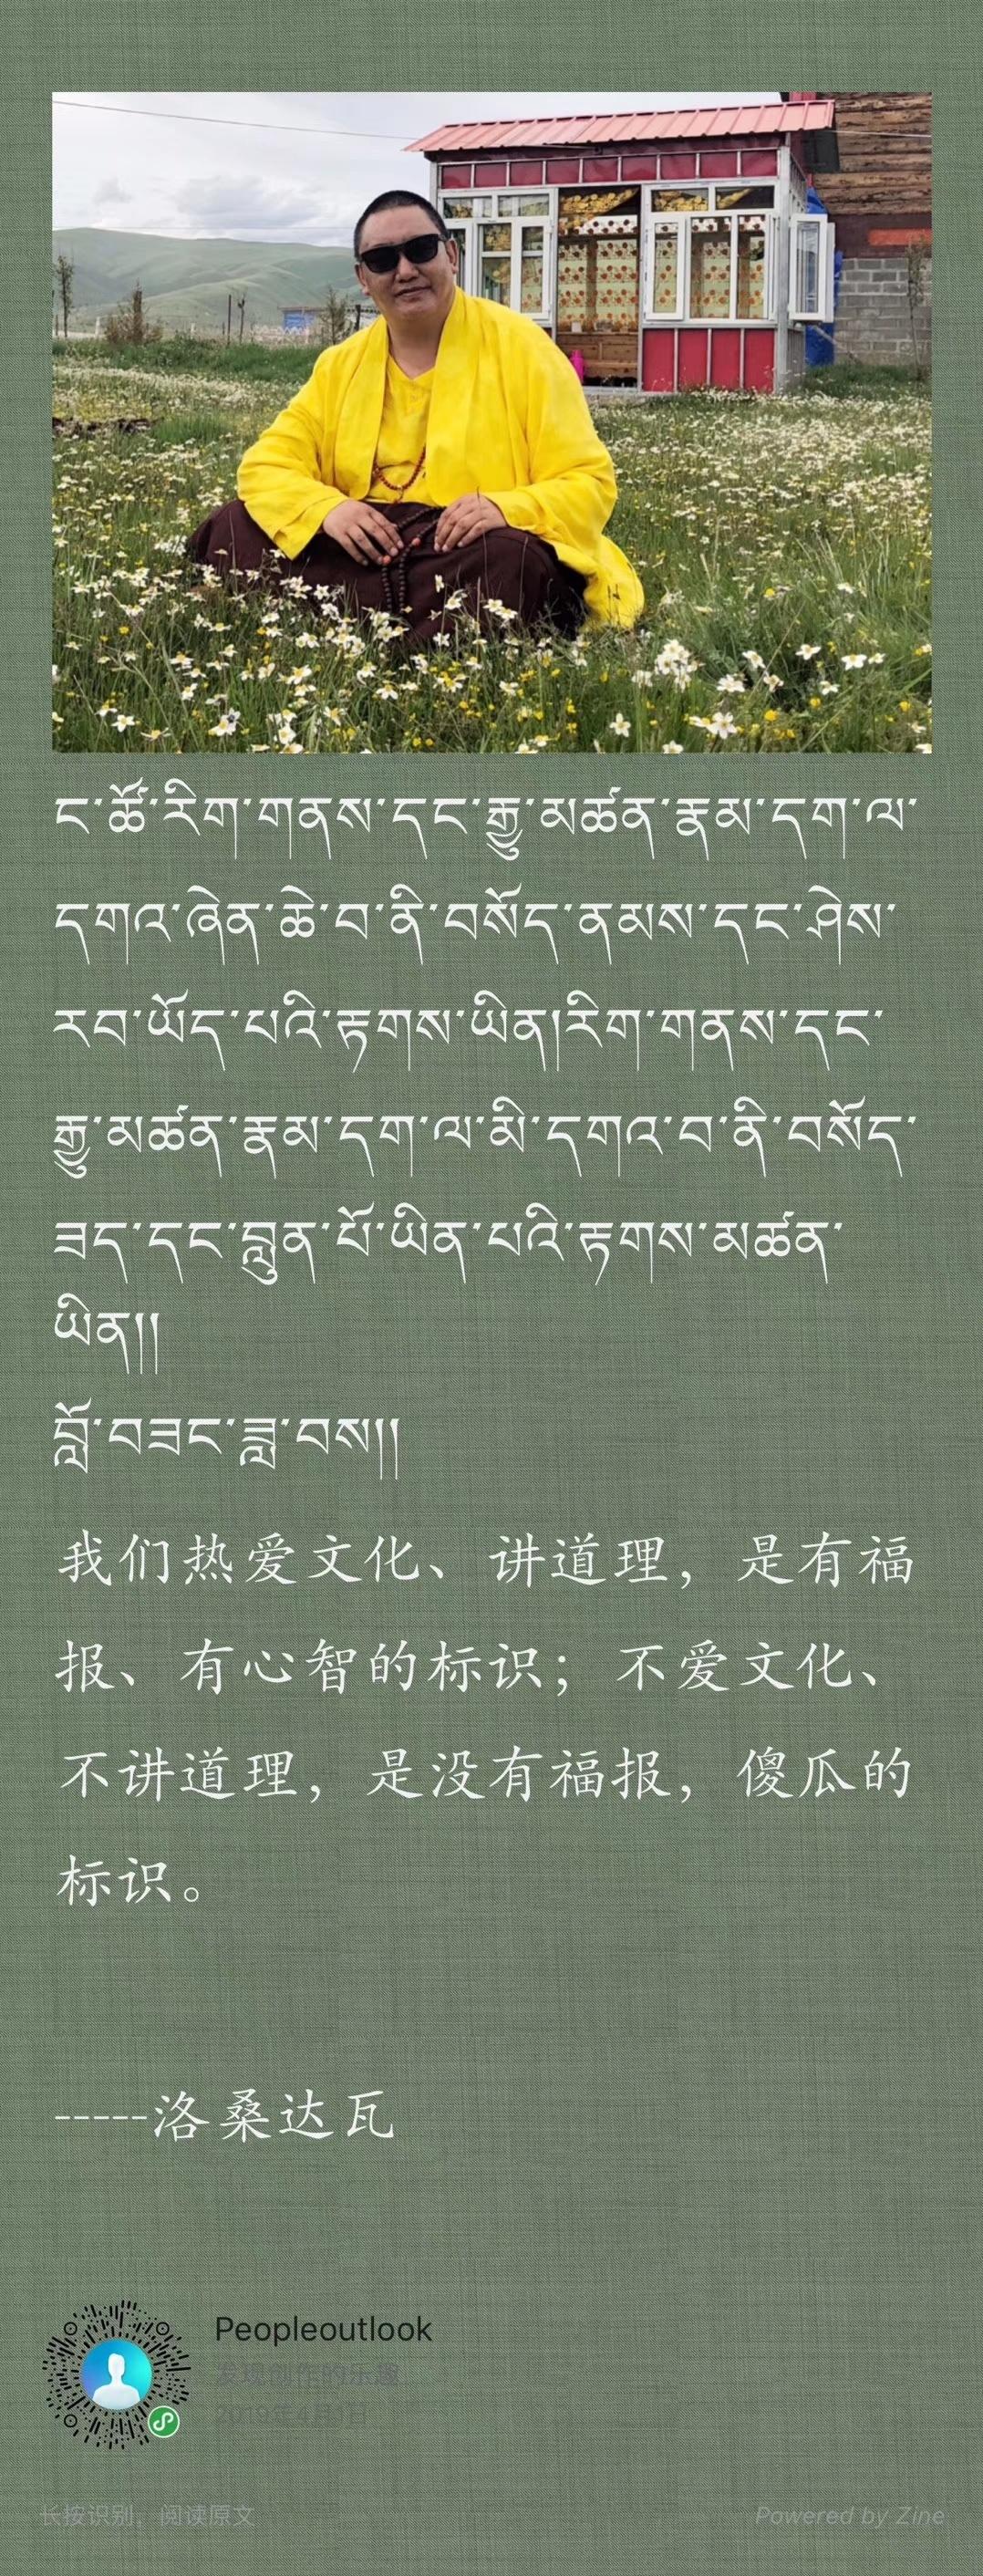 福报-20190403.jpg